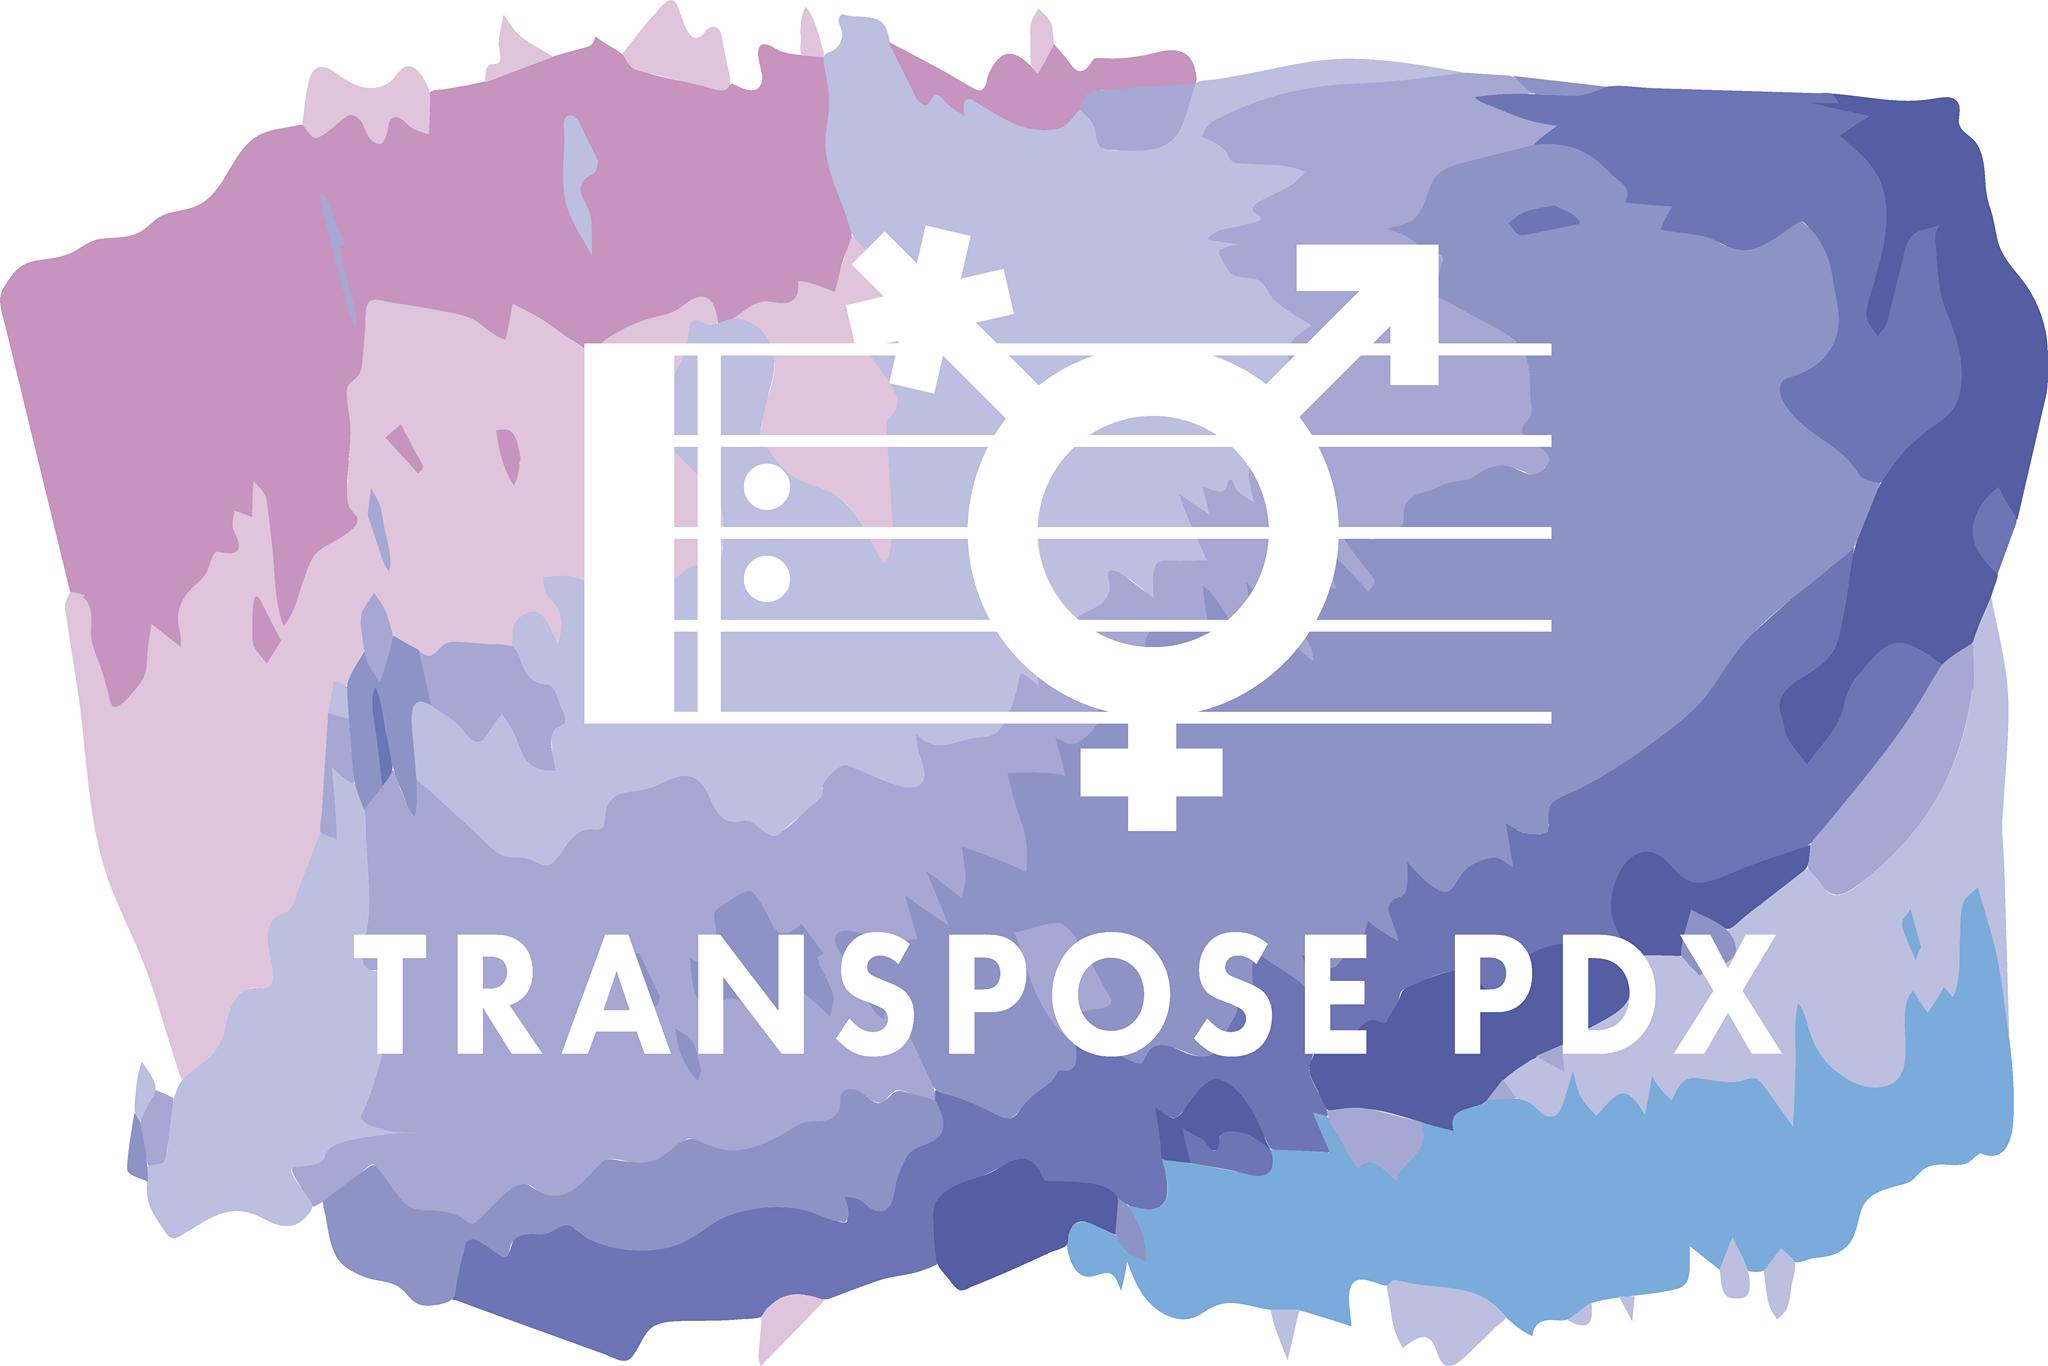 Transpose PDX